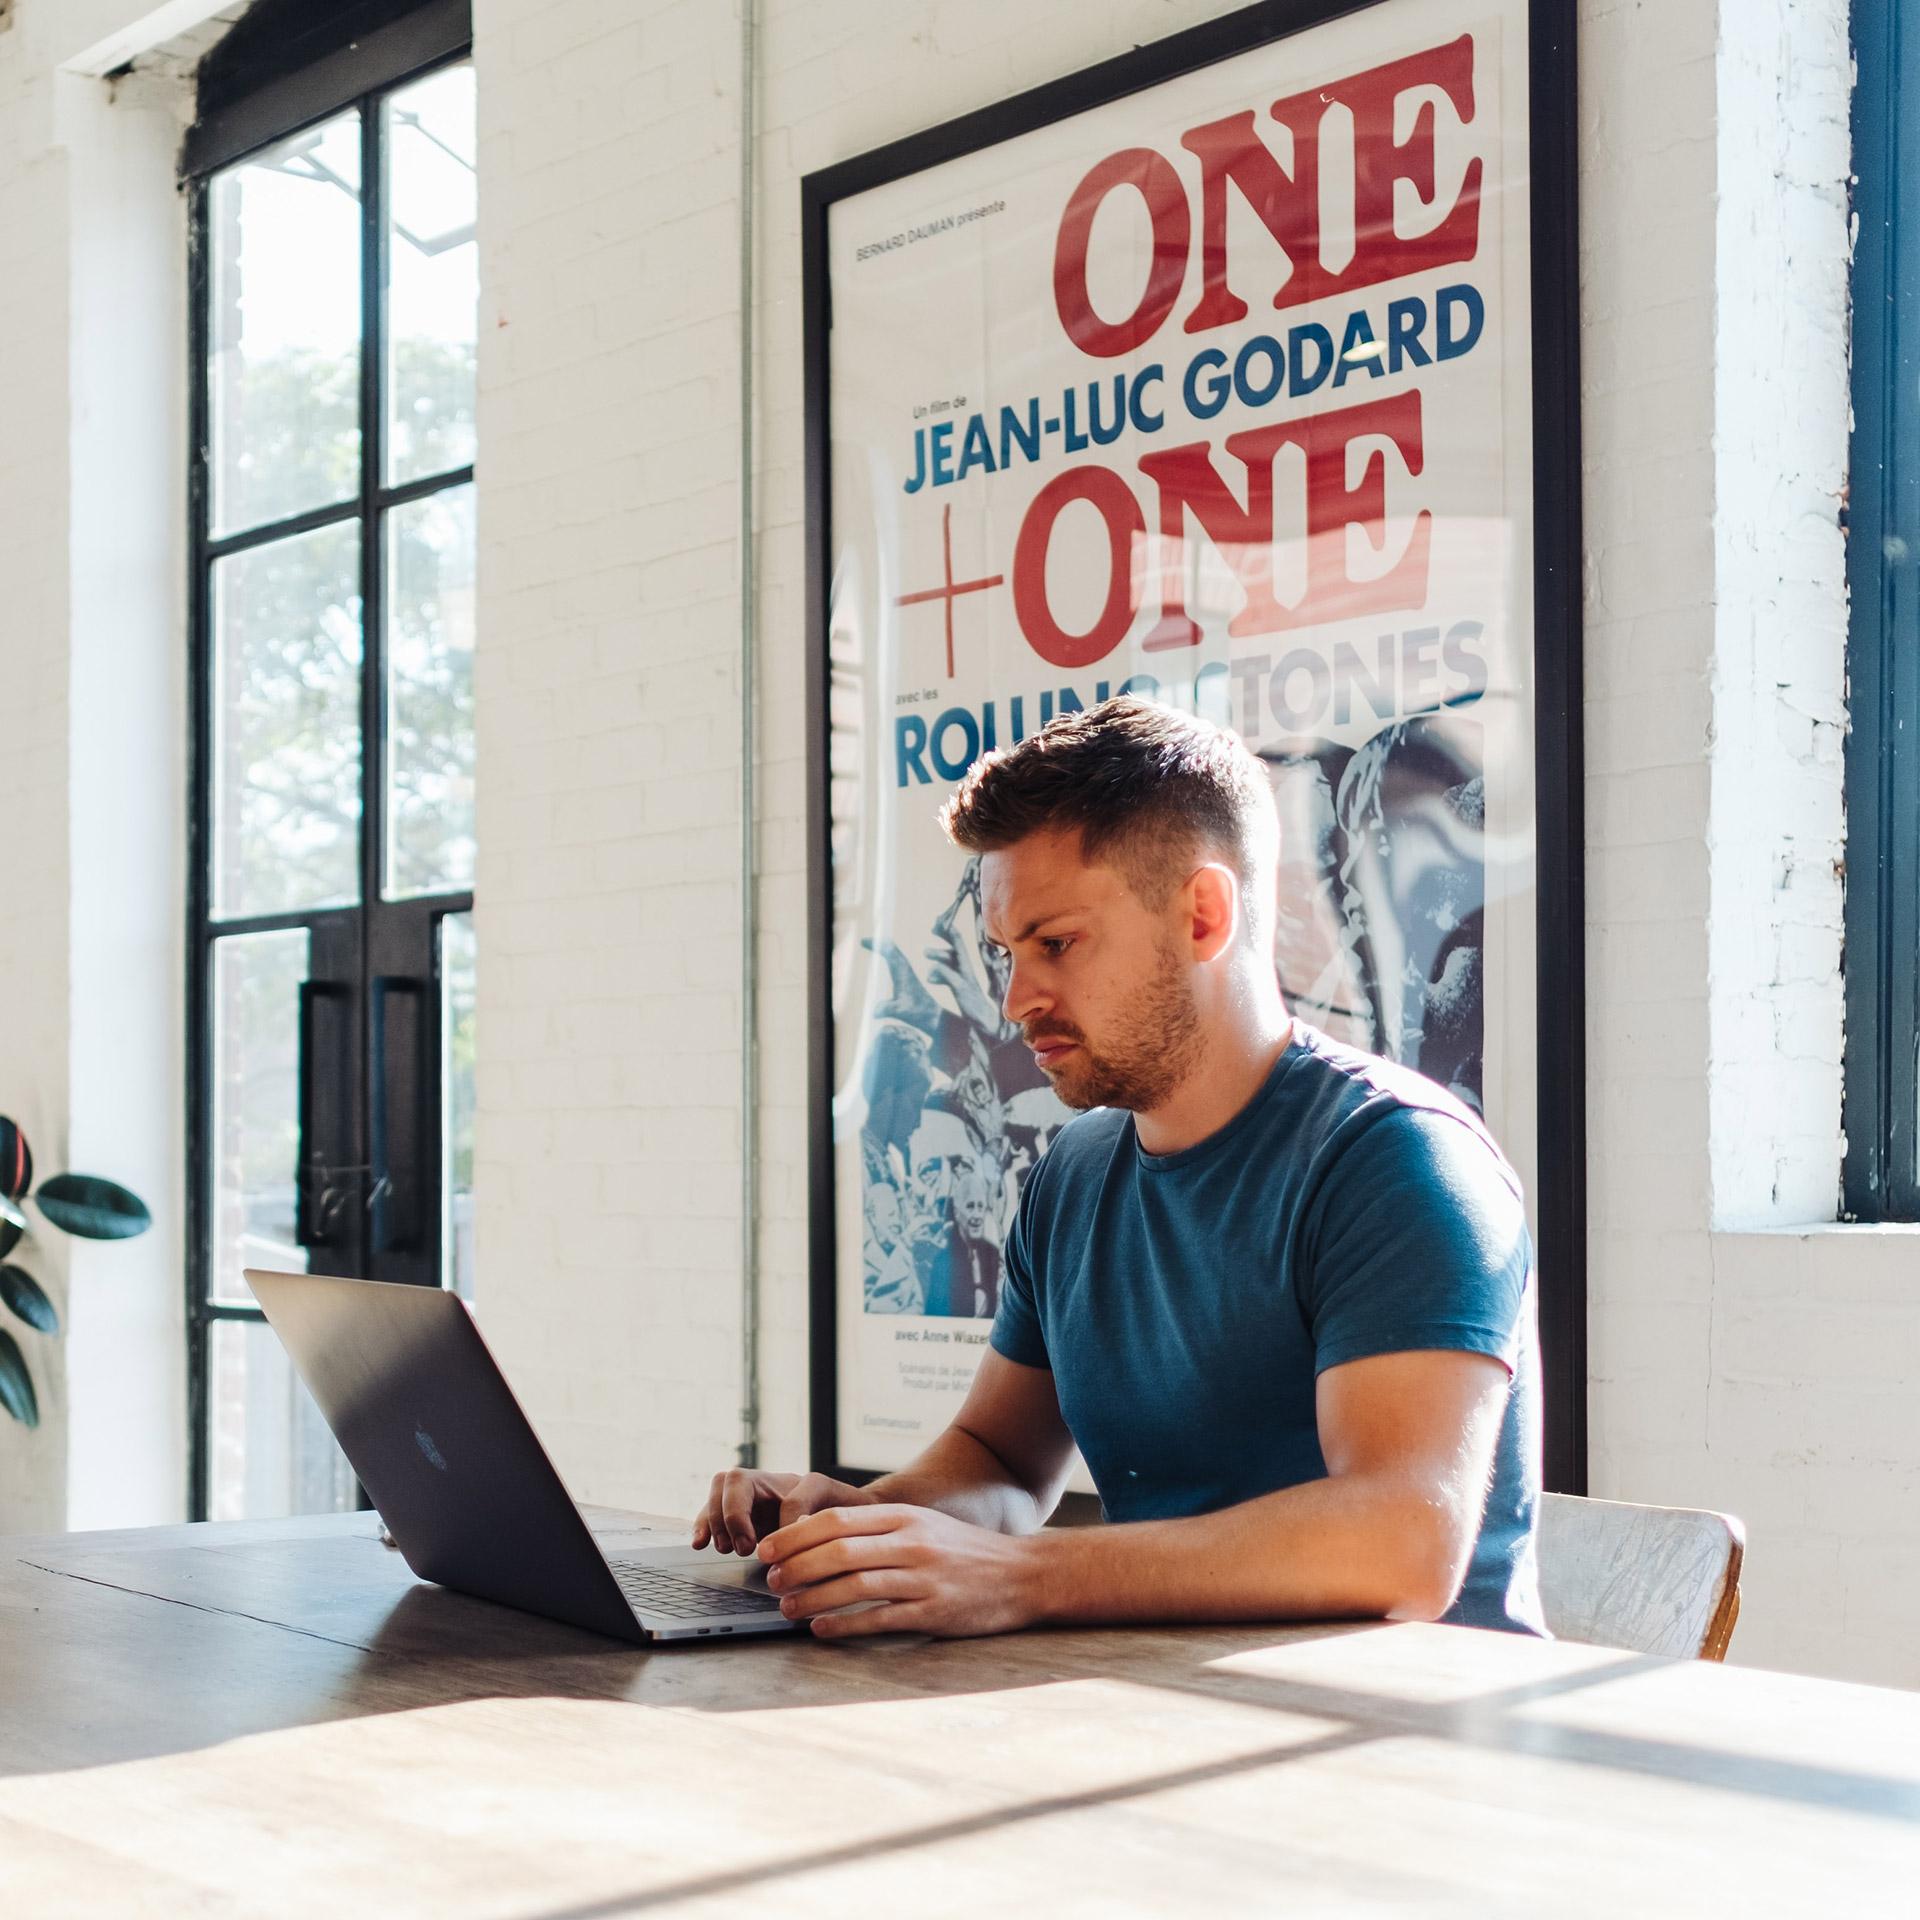 Visste du att en tjänsteman kommer att spara 1 till 8 timmar i veckan genom att använda SharePoint och Teams på rätt sätt?